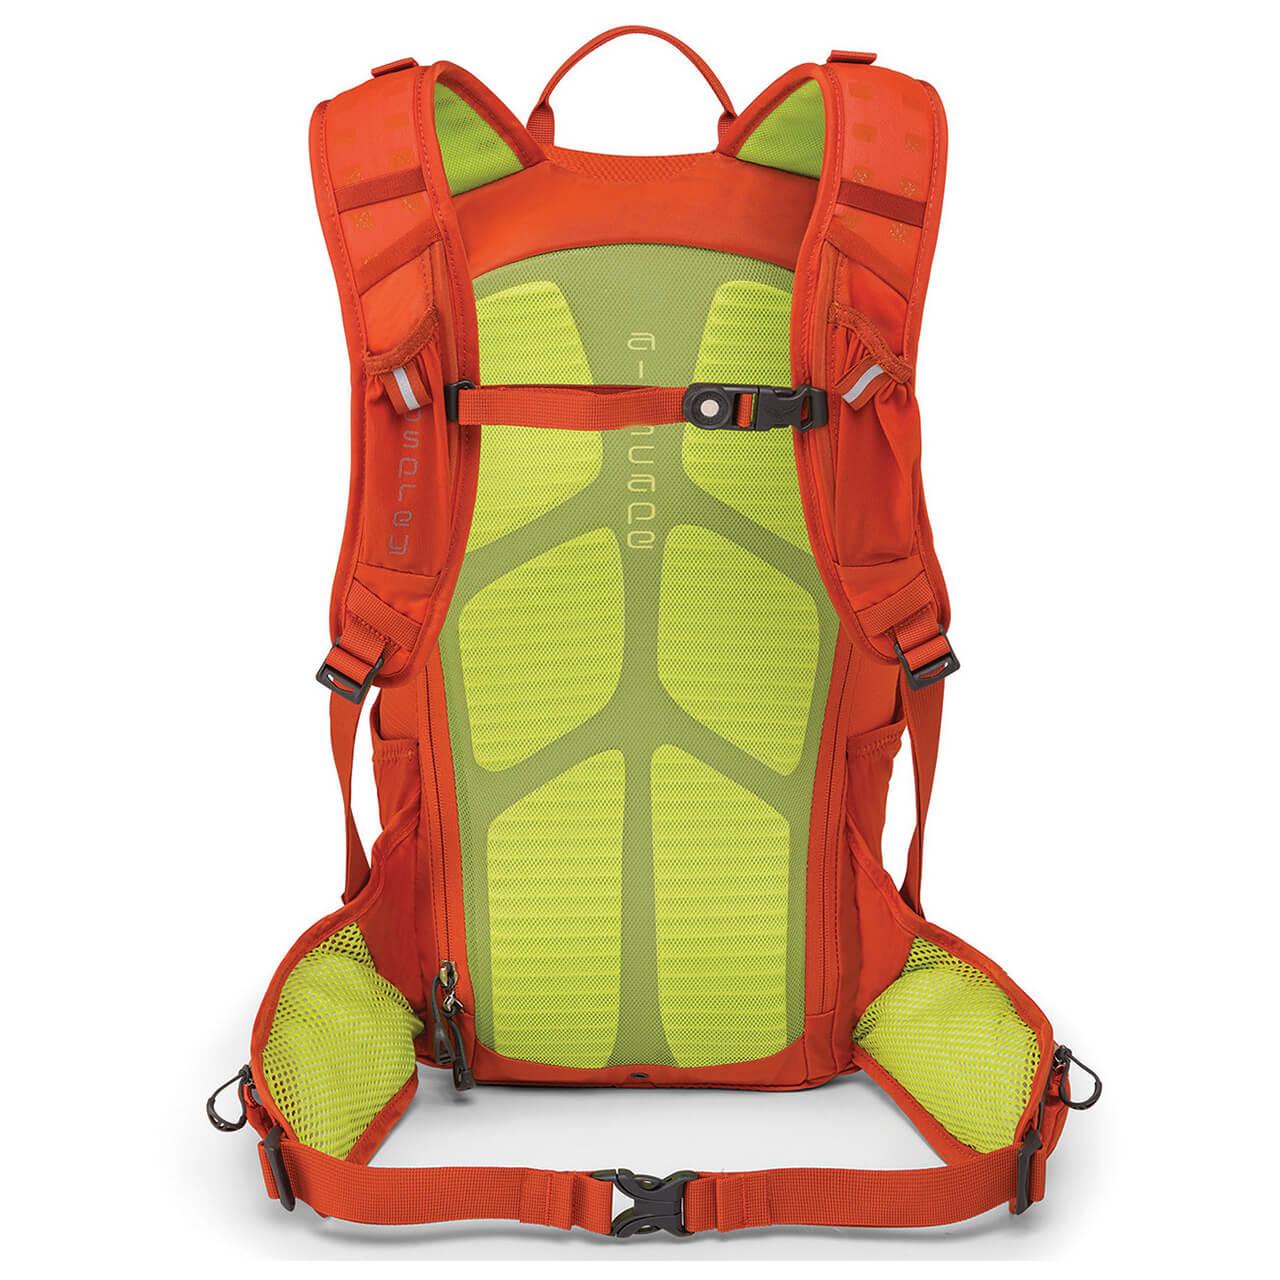 osprey zealot 15 bike rucksack online kaufen. Black Bedroom Furniture Sets. Home Design Ideas